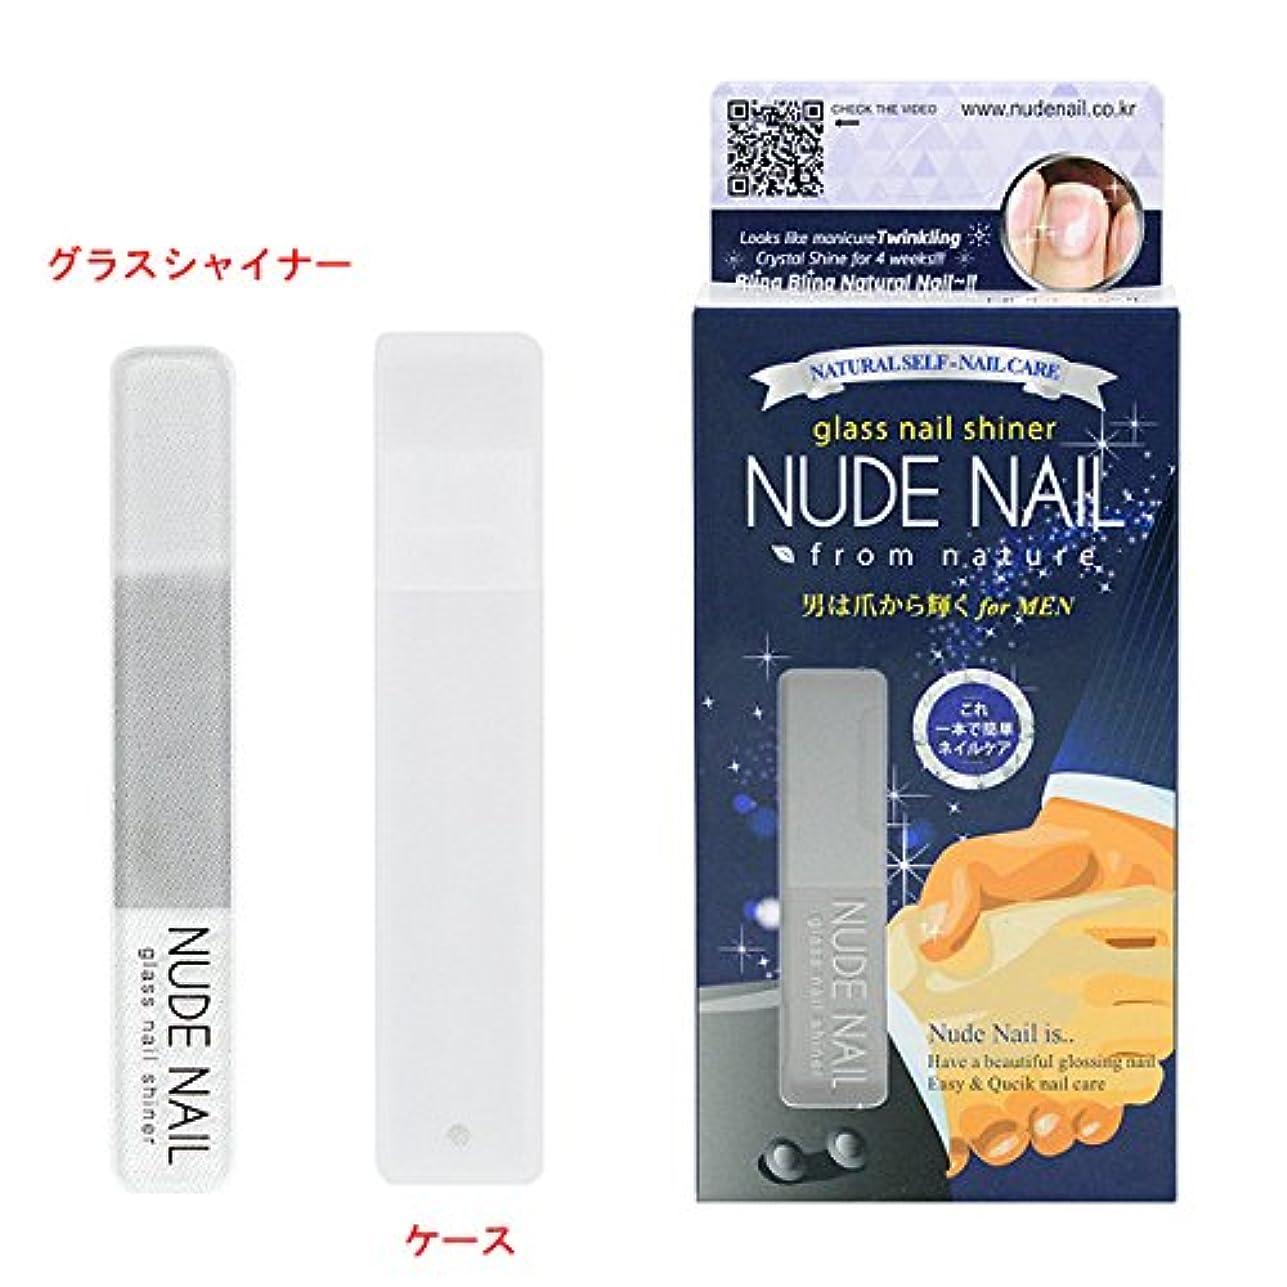 電気のコンパイル暗殺者NUDE NAIL ヌードネイル No:NDGS-TR802